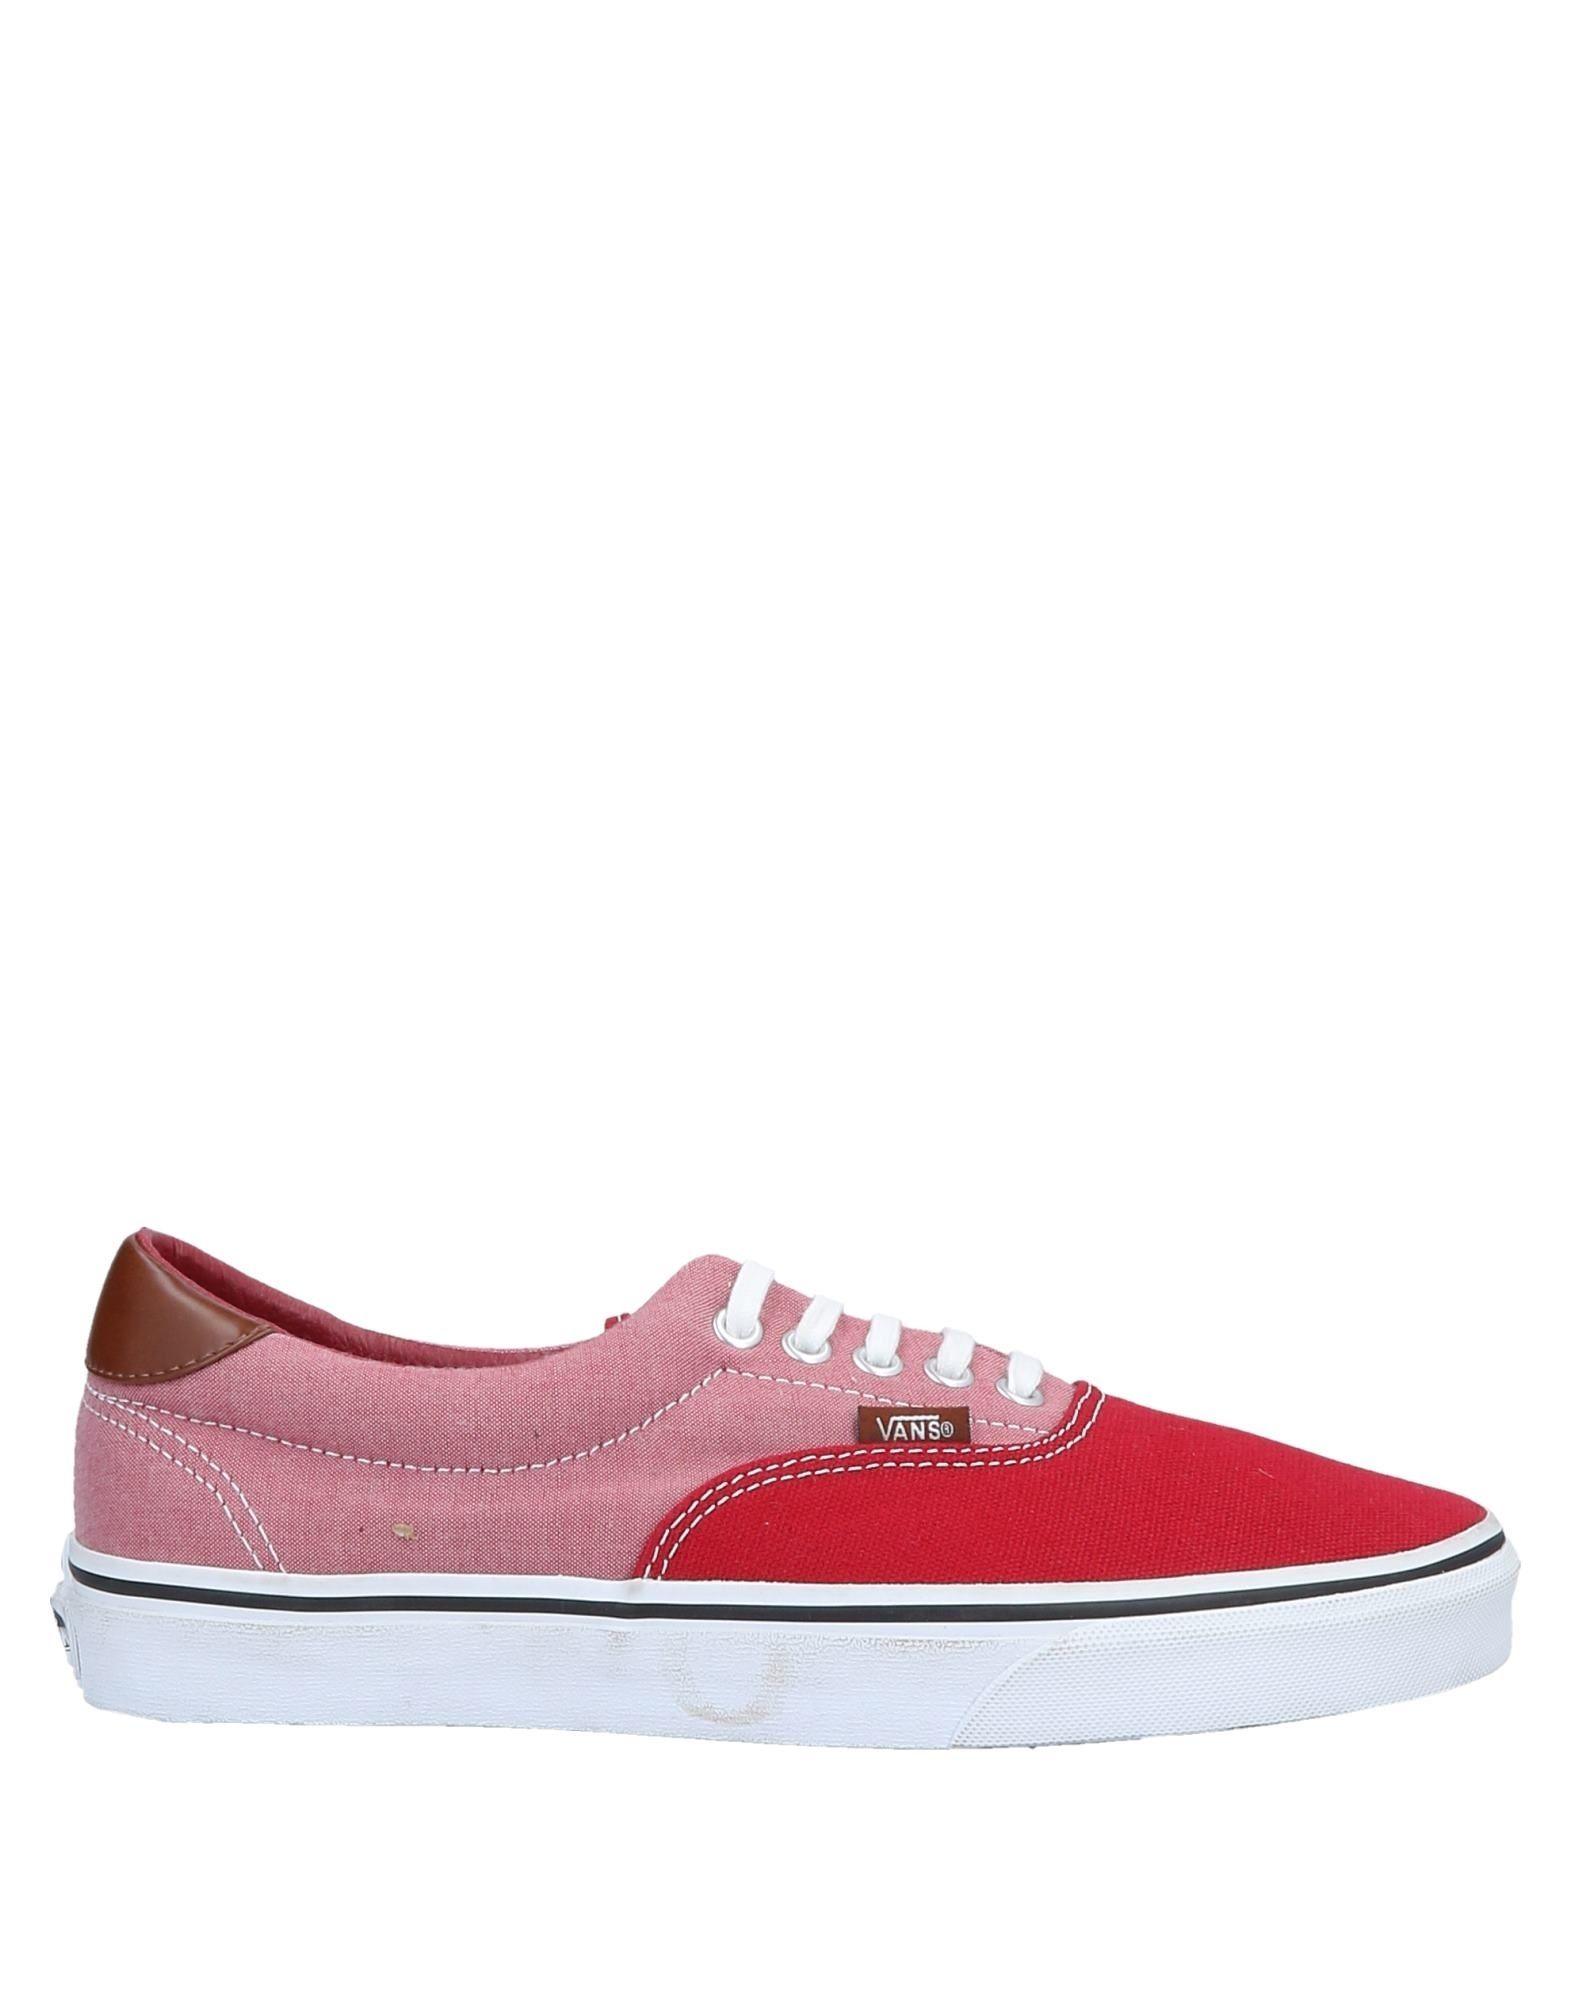 Rabatt echte Sneakers Schuhe Vans Sneakers echte Herren  11571735MD 638407